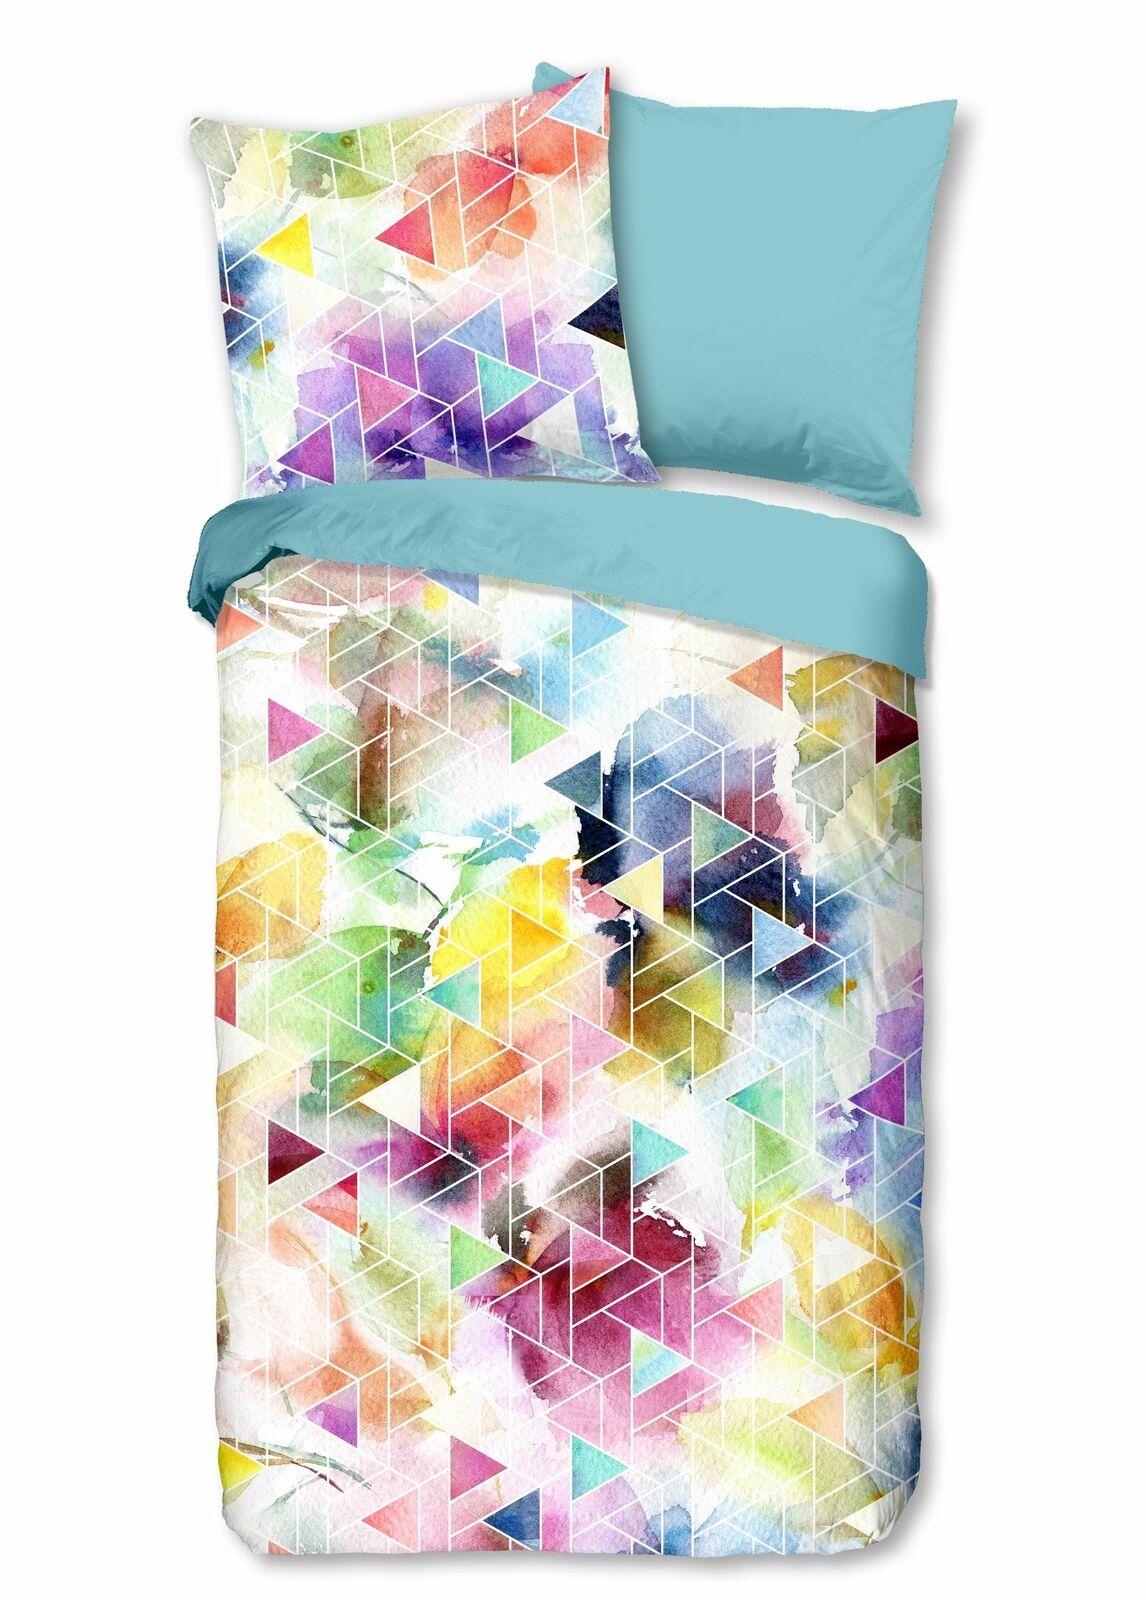 4 teilige Bettwäsche 135x200 cm Geometrisch pastell hellblau bunt Baumwolle Set